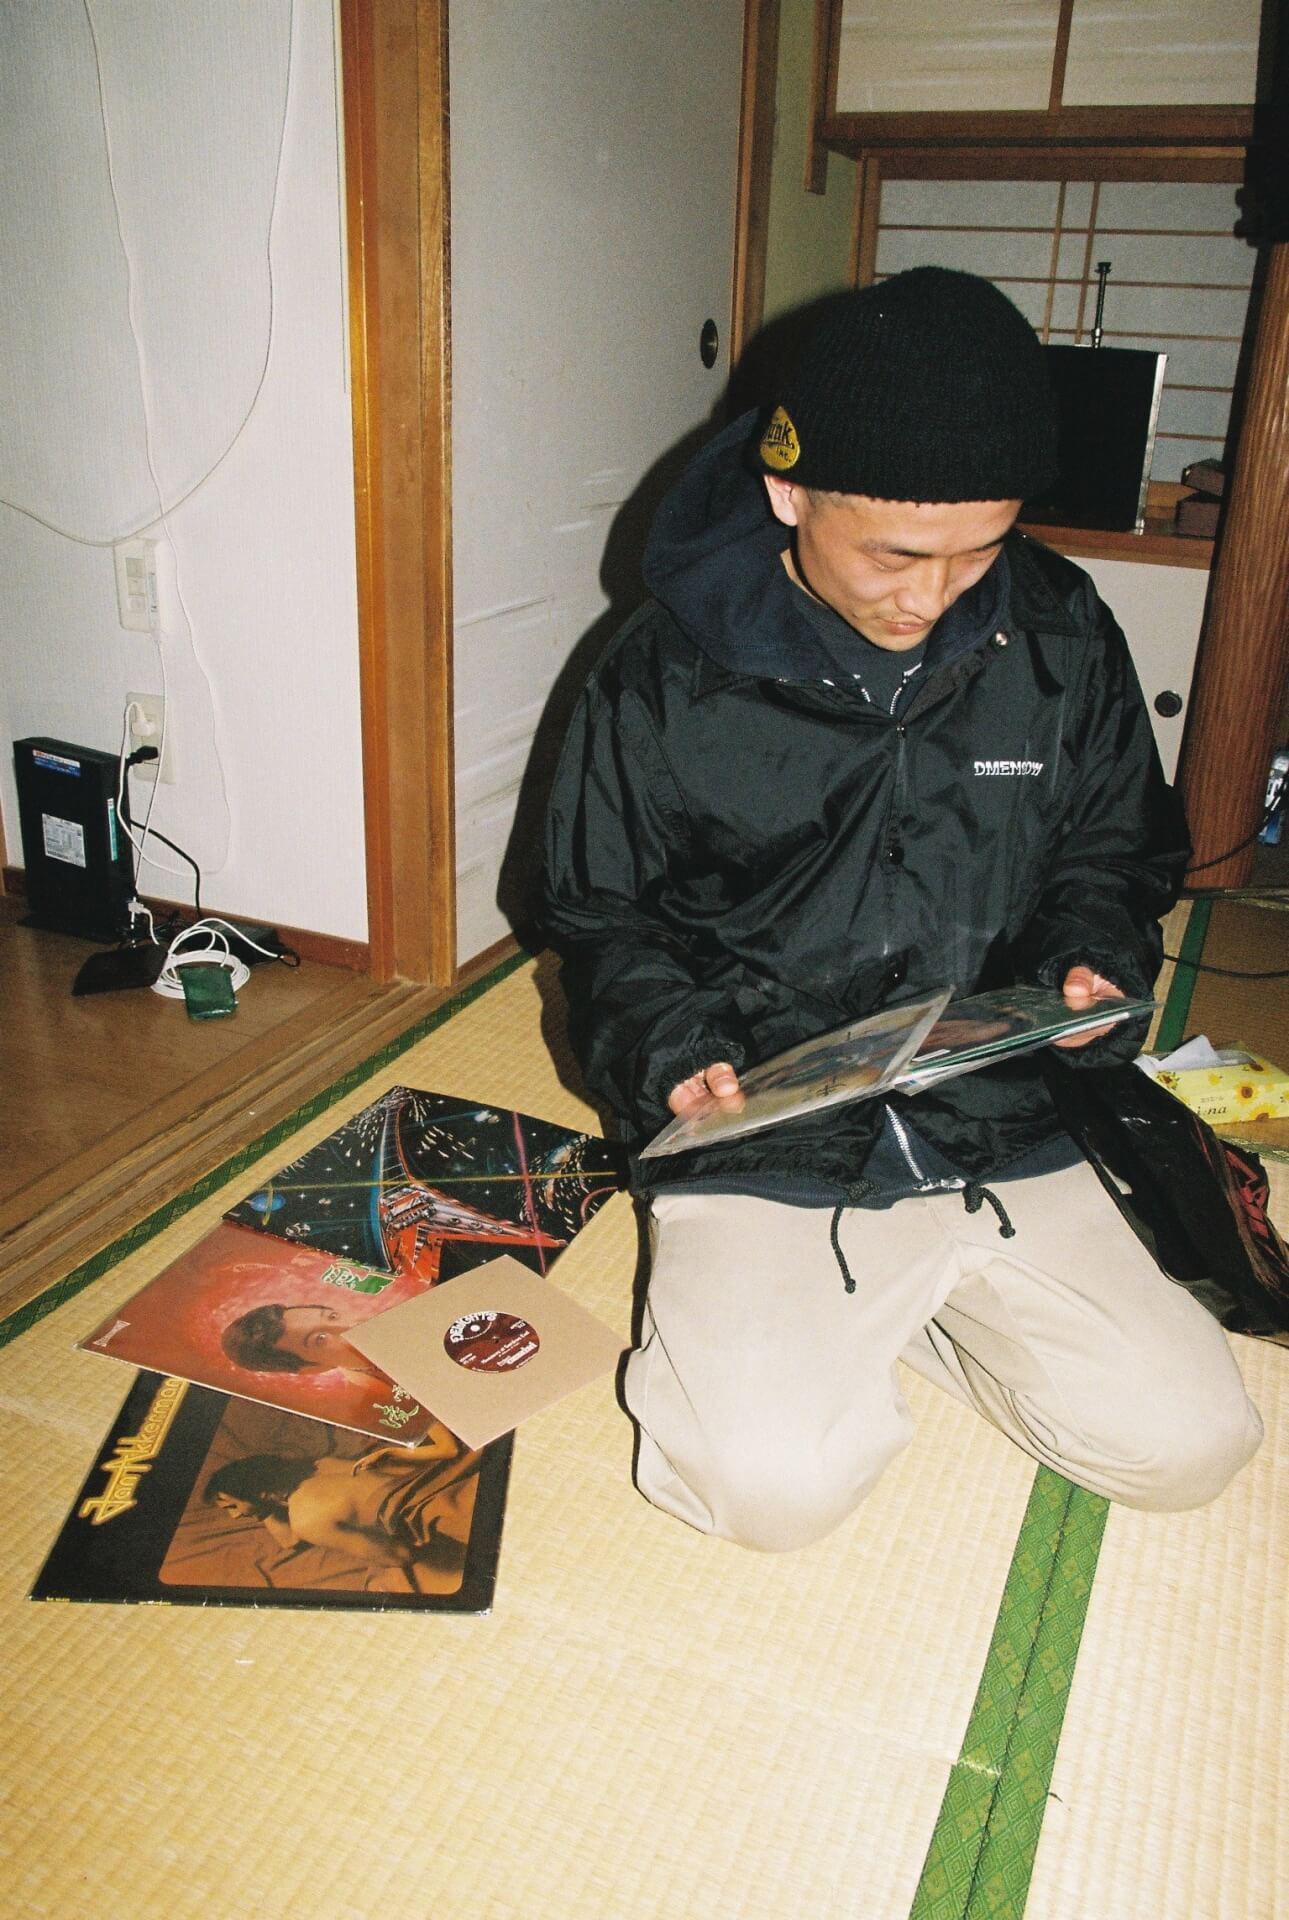 共にいる人たちへの郷愁──股旅(DUSTY HUSKY × DJ SHOKI × にっちょめ)、インタビュー interview2106-matatabi-dliprecords-5